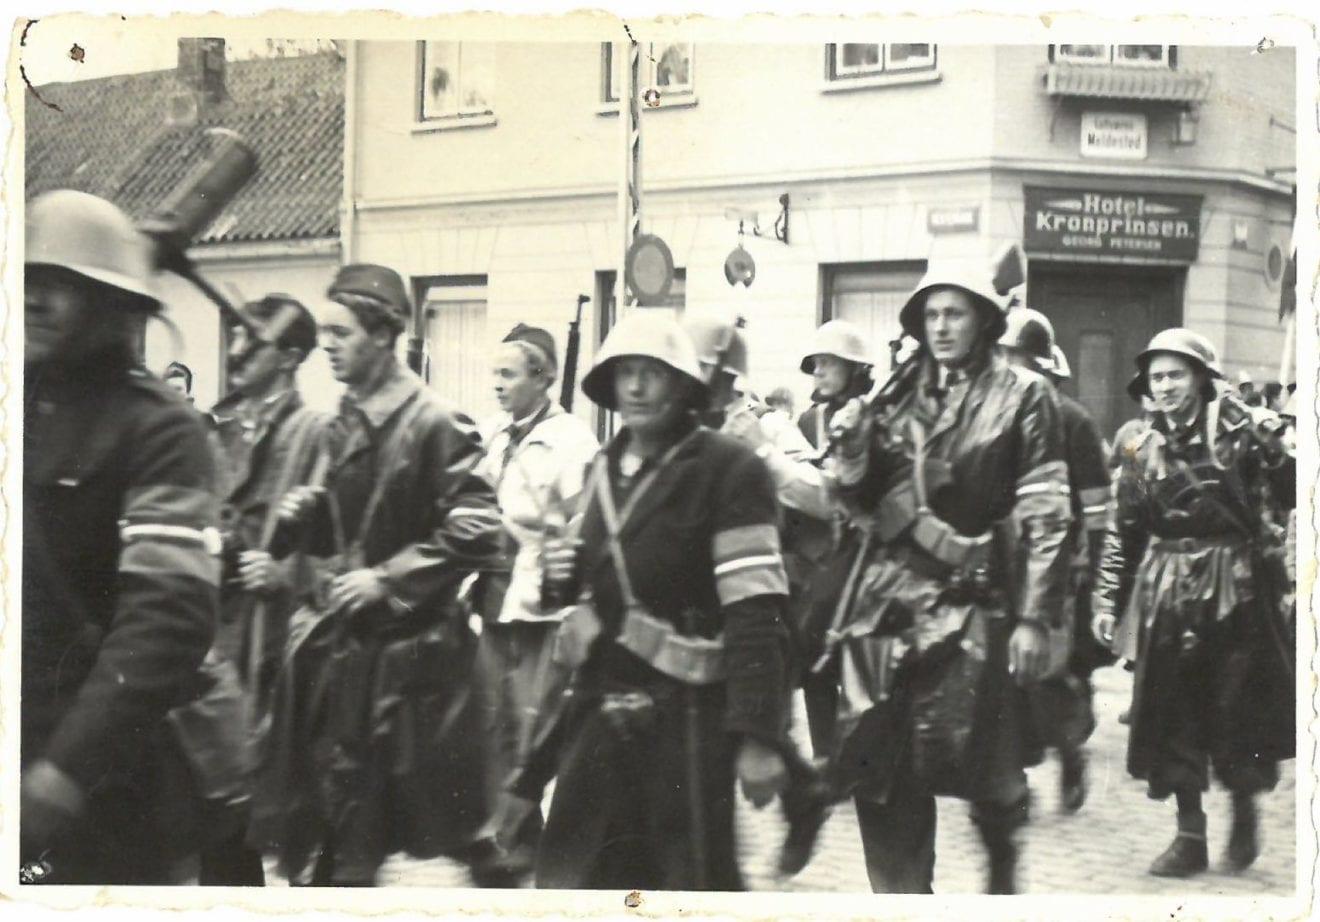 Byvandring om besættelsen i Holbæk